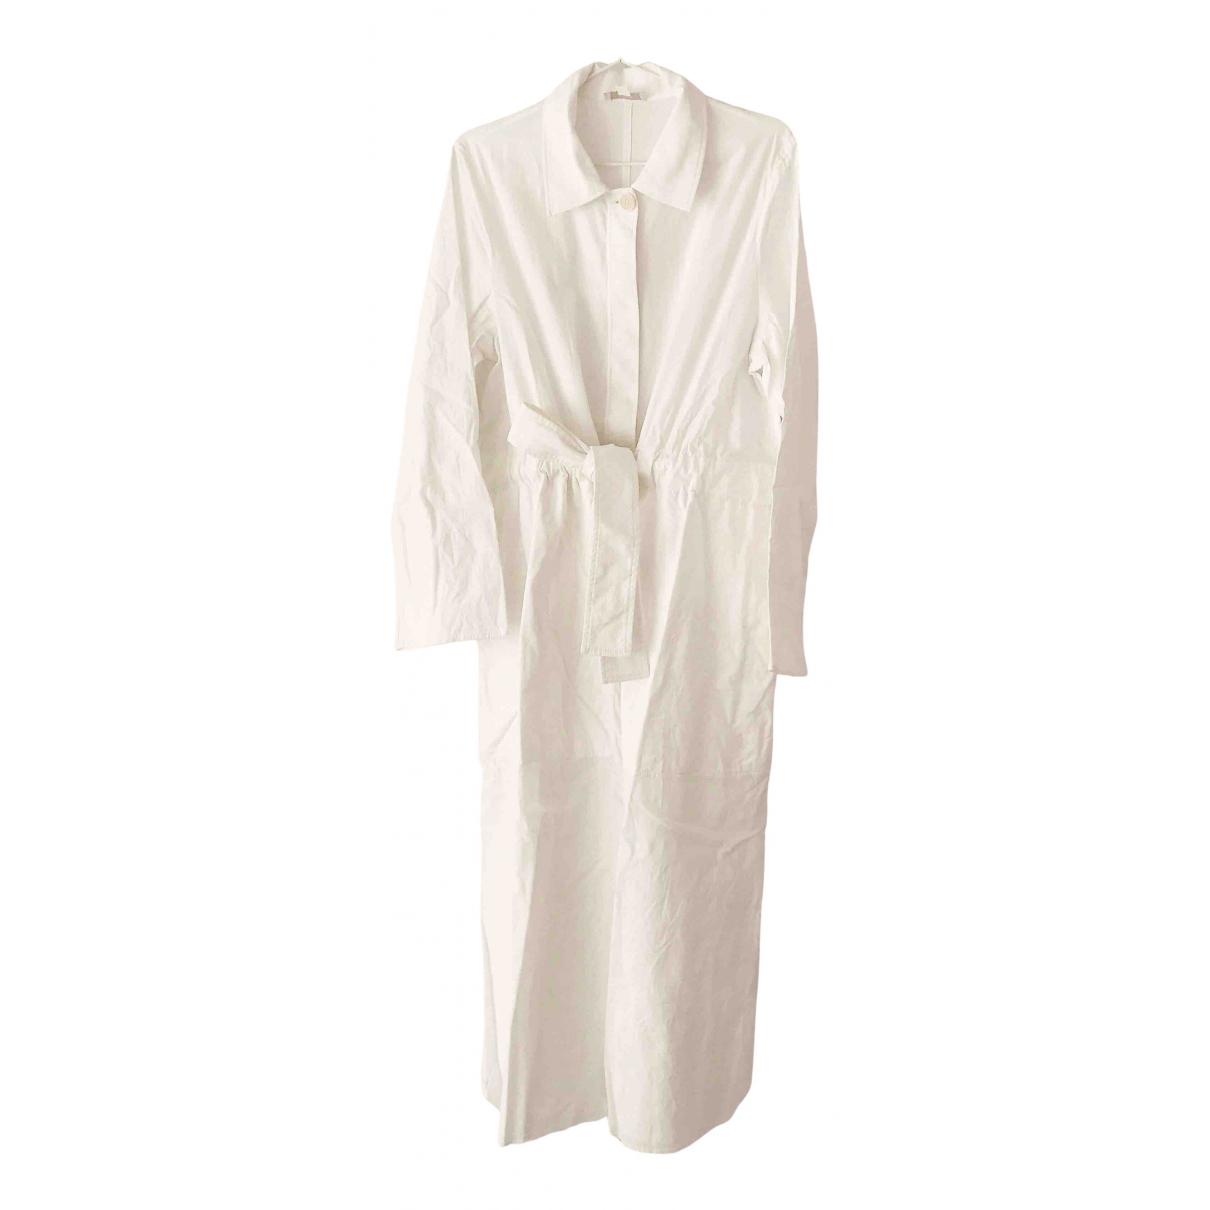 Cos \N Kleid in  Weiss Baumwolle